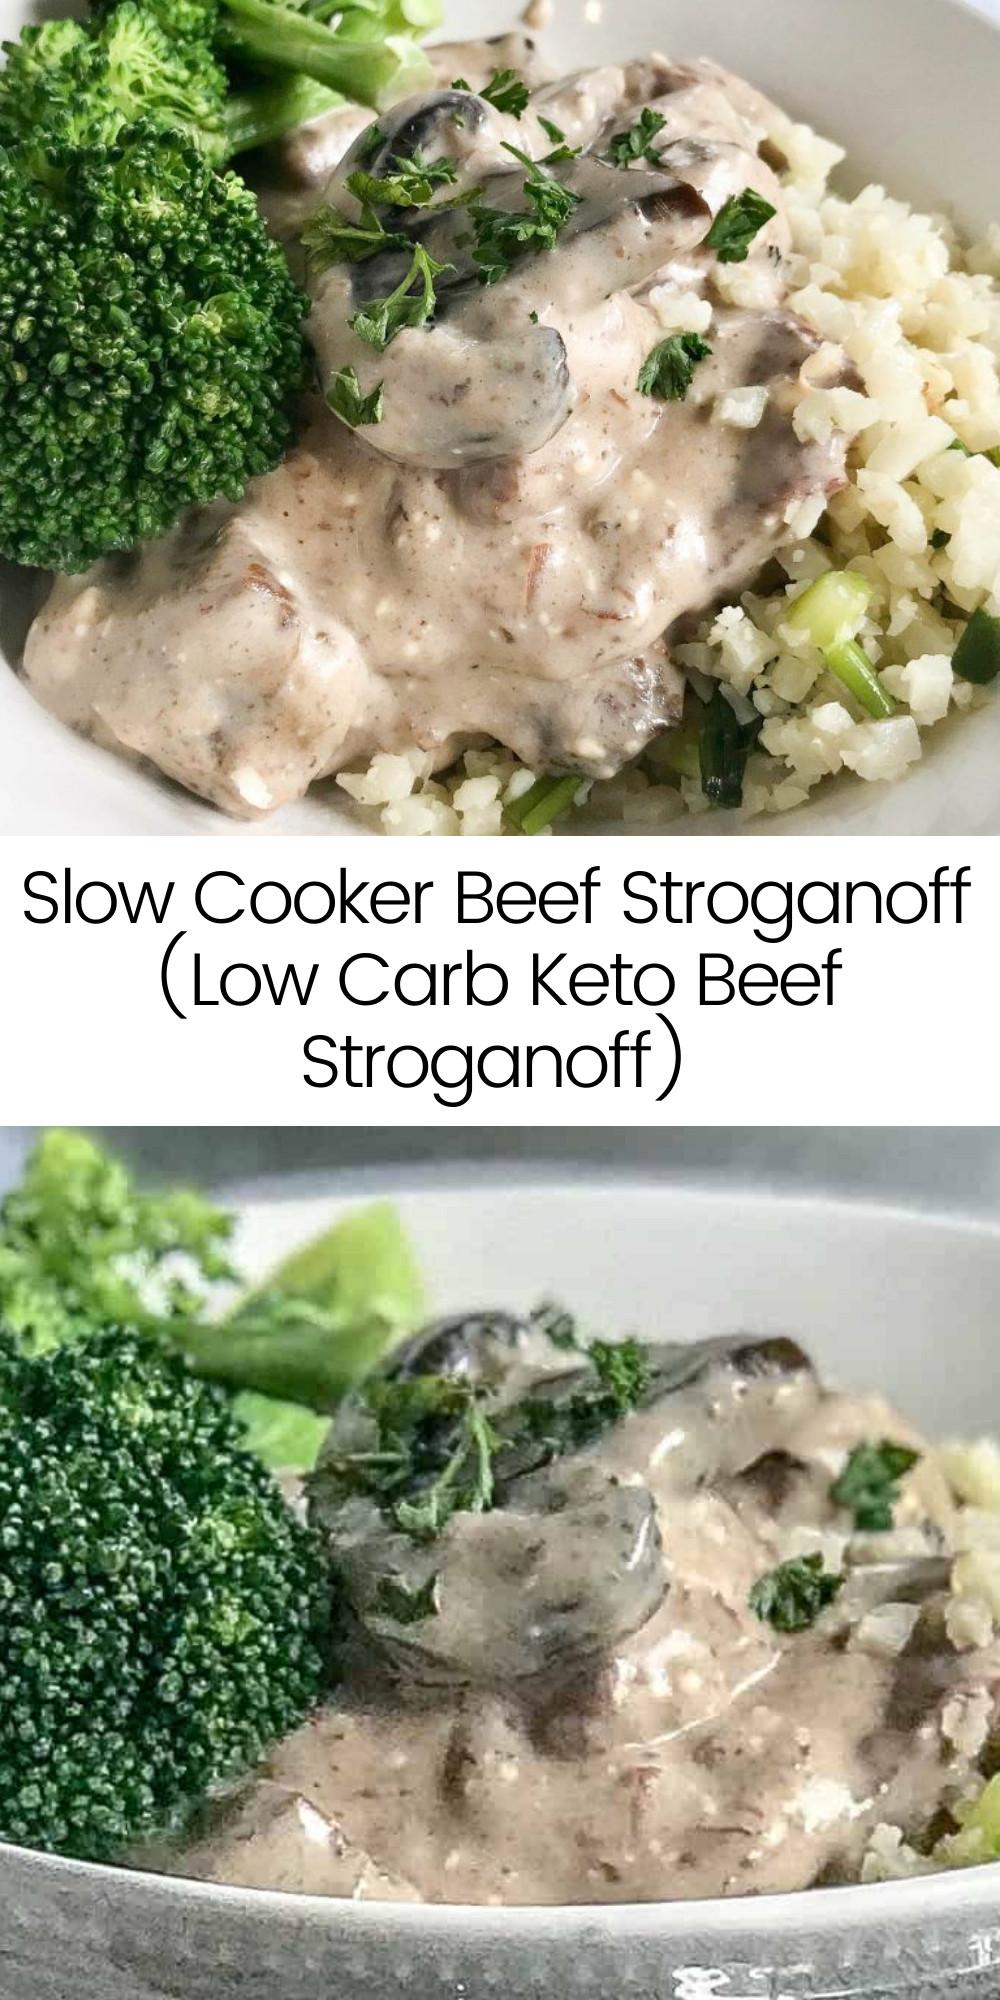 Slow Cooker Keto Beef Stroganoff  Slow Cooker Beef Stroganoff Low Carb Keto Beef Stroganoff